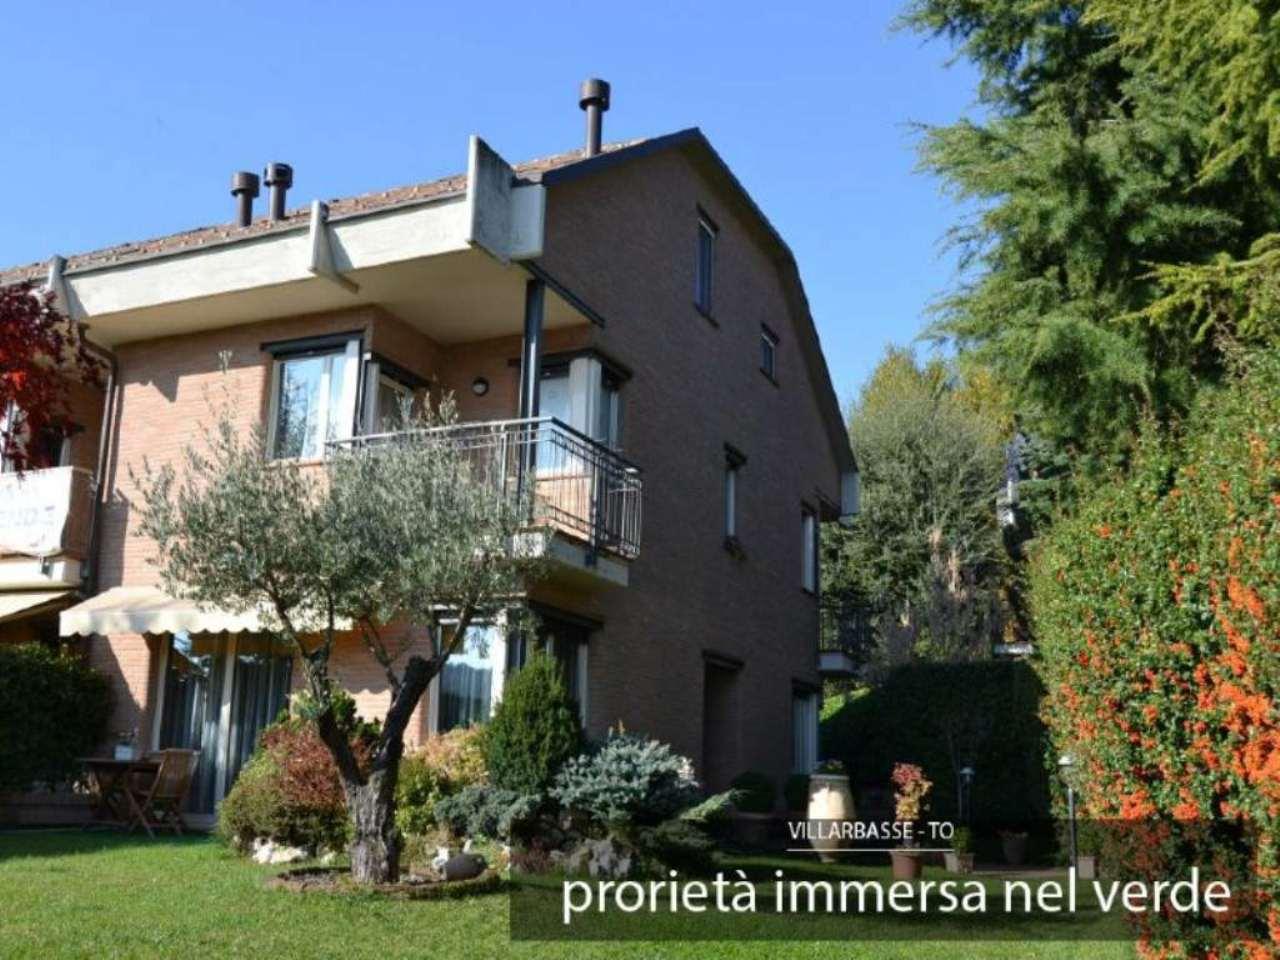 Villa in vendita a Villarbasse, 9999 locali, prezzo € 445.000 | Cambio Casa.it